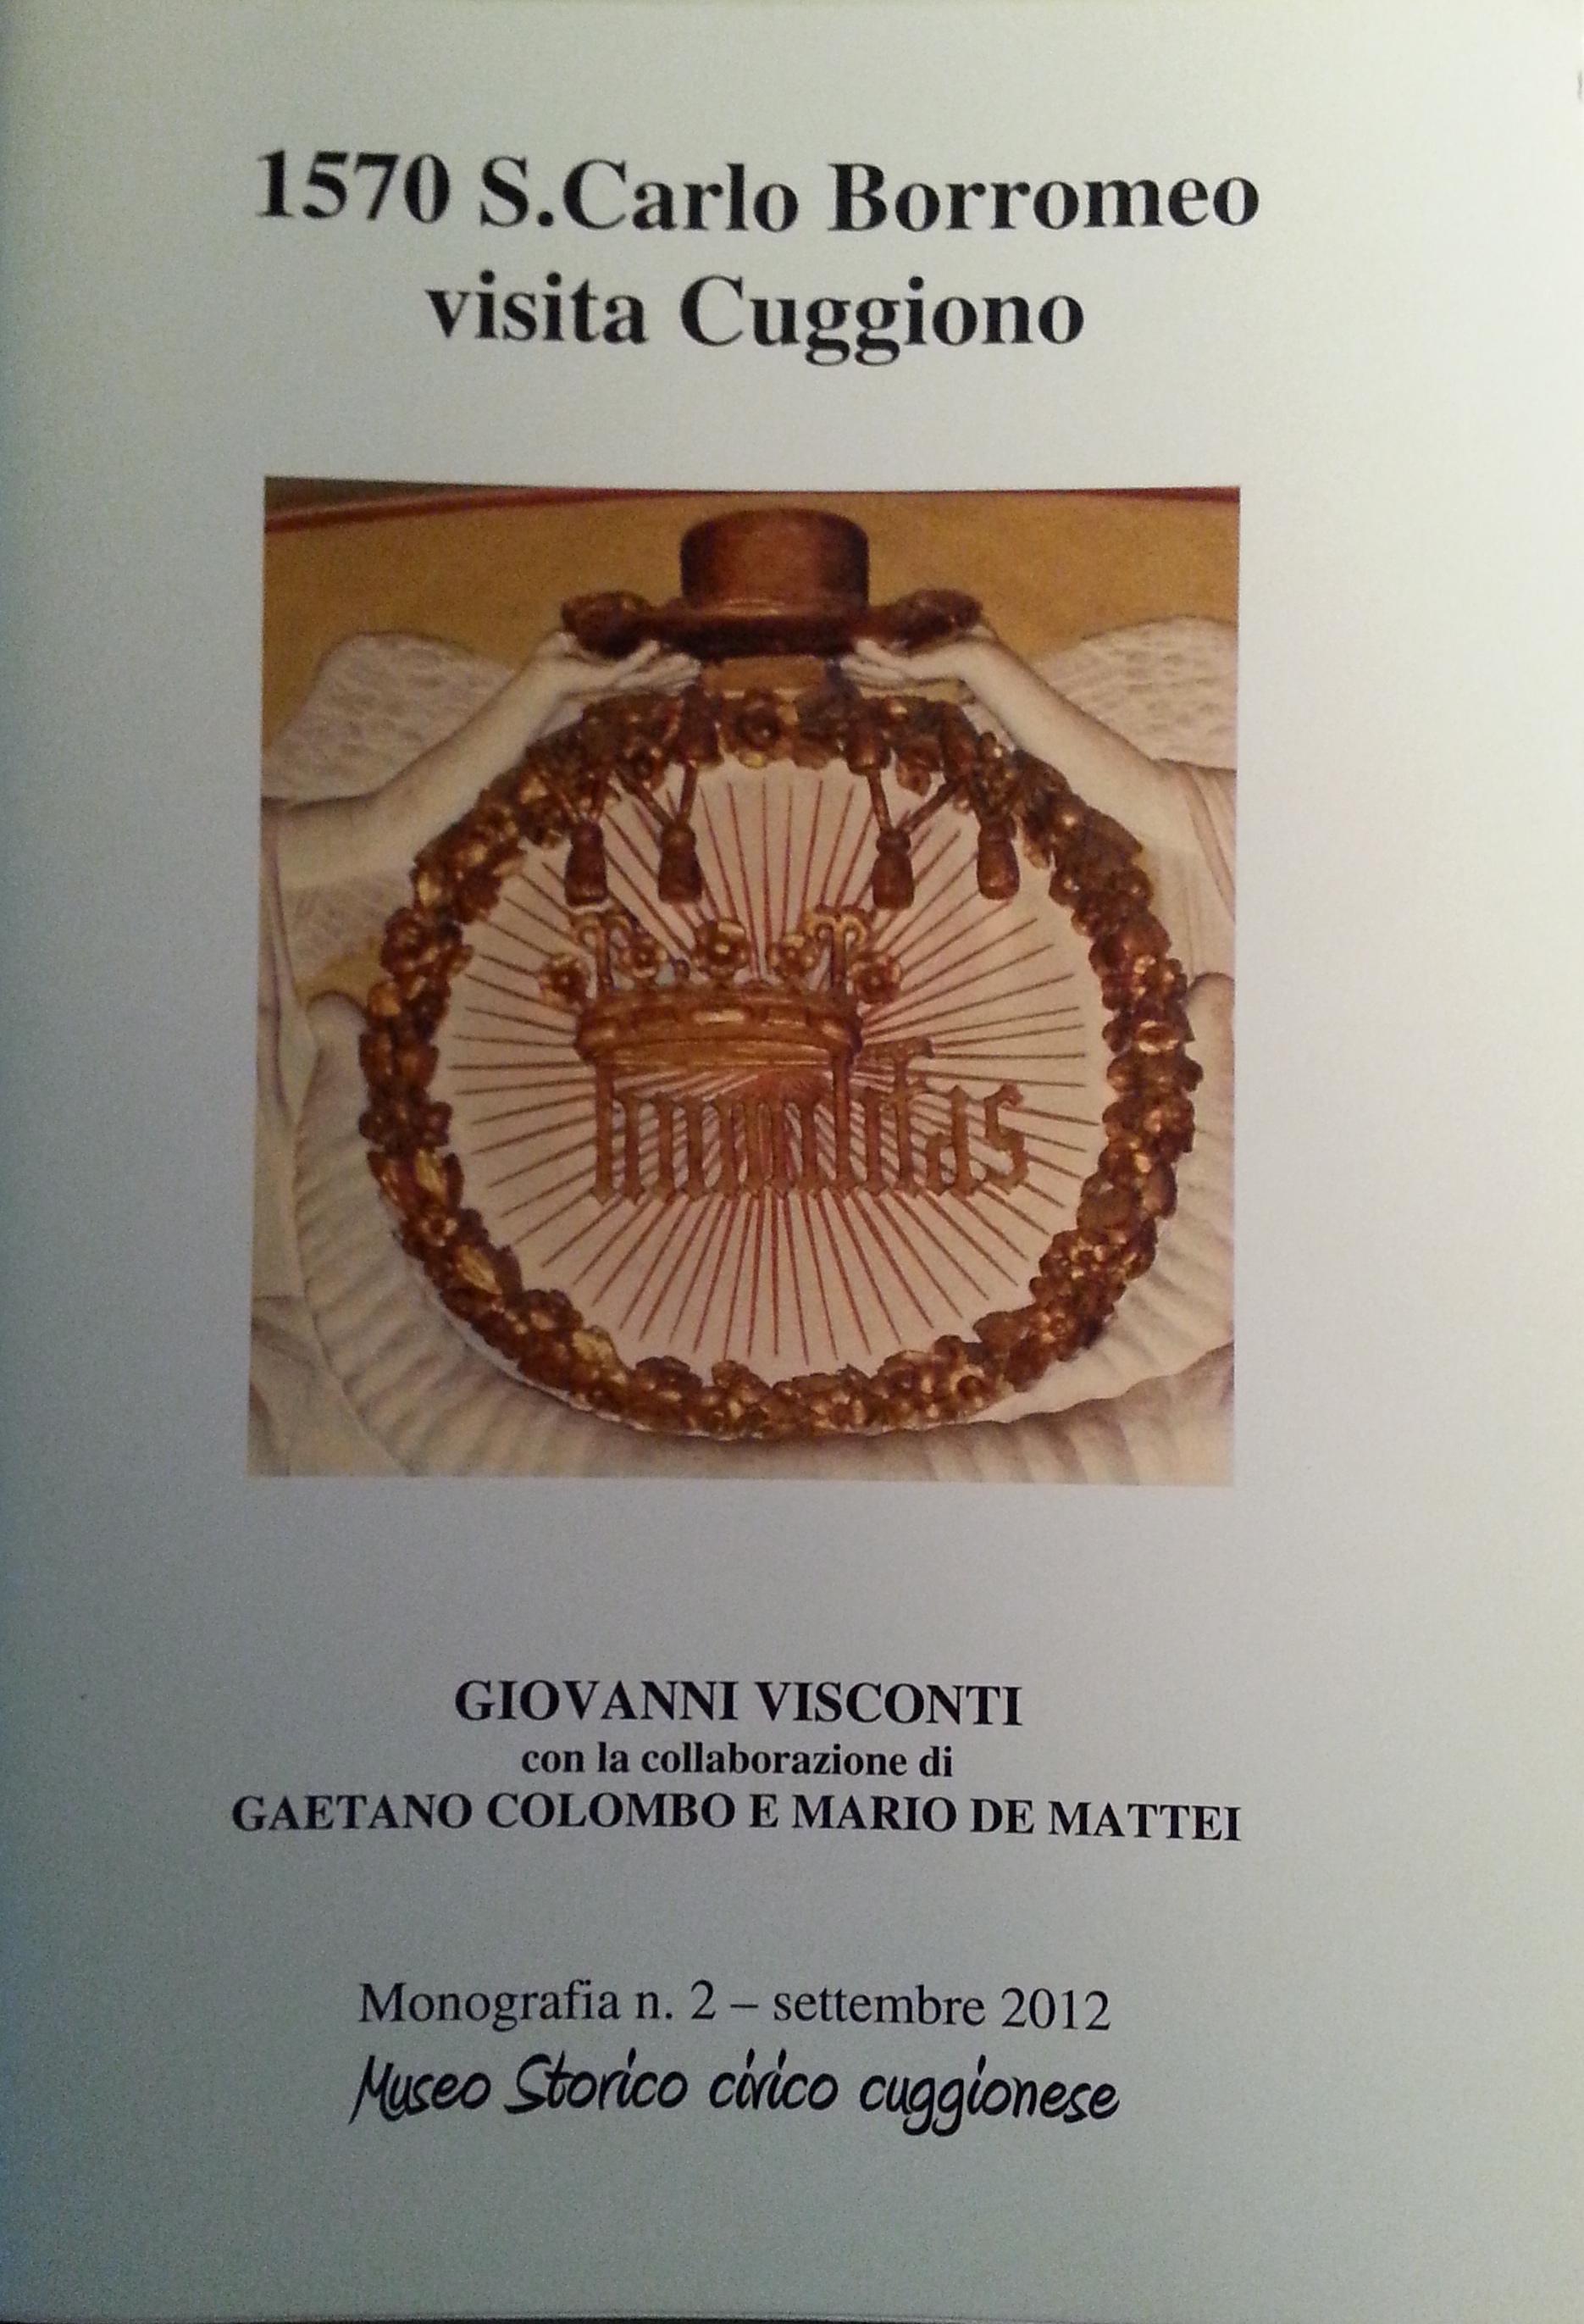 1570, S. Carlo Borromeo visita Cuggiono